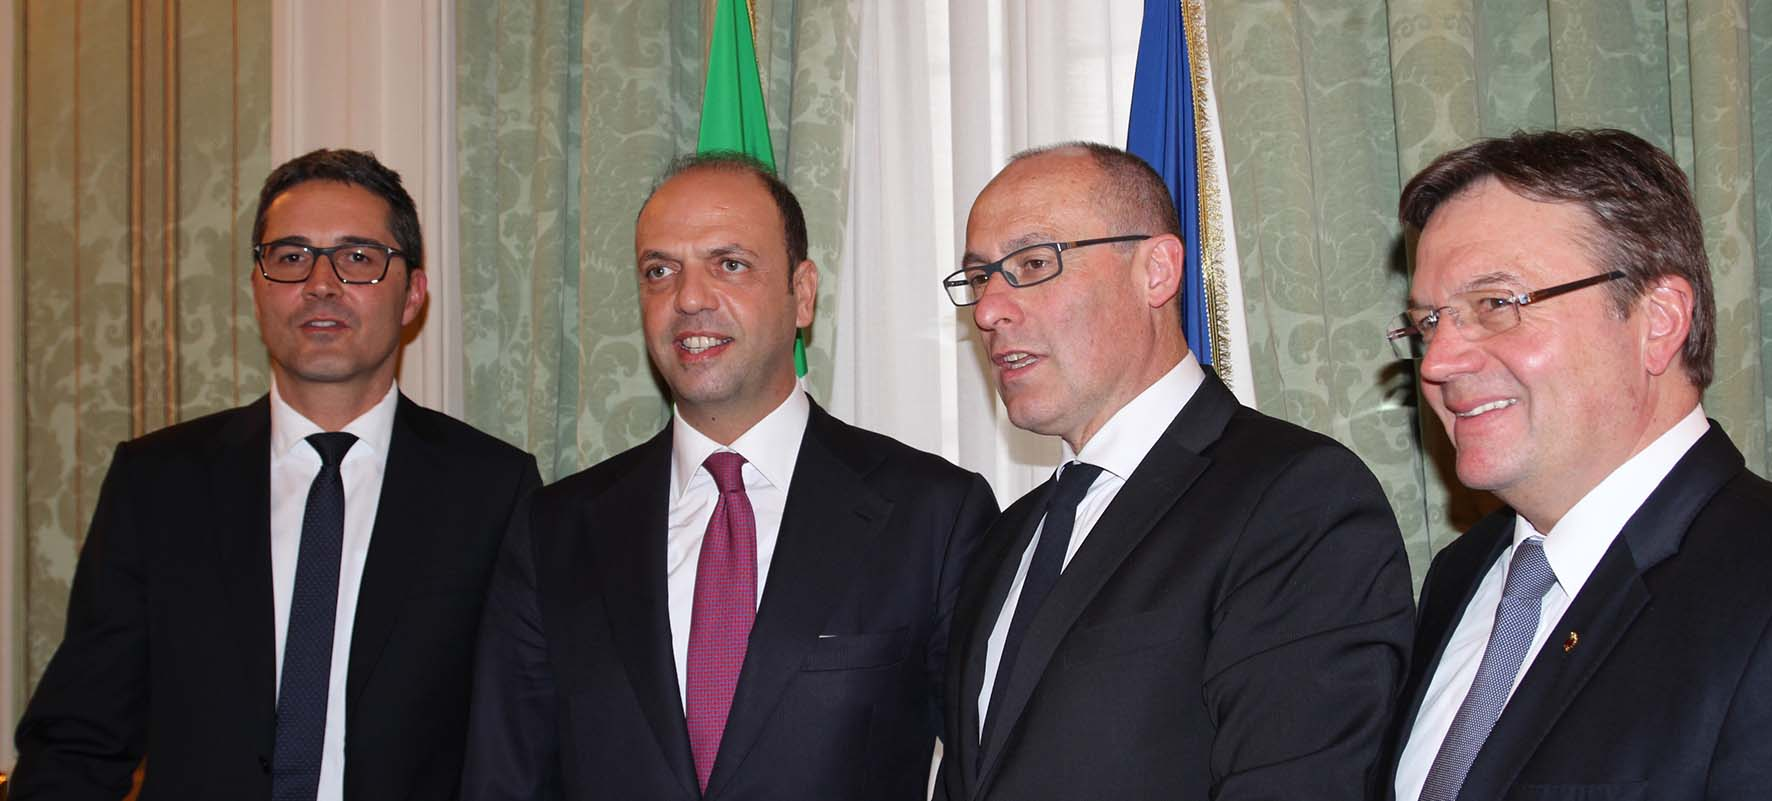 Presidenti Euregio Tirolo Kompatscher Rossi Platter incontrano Alfano a ROma